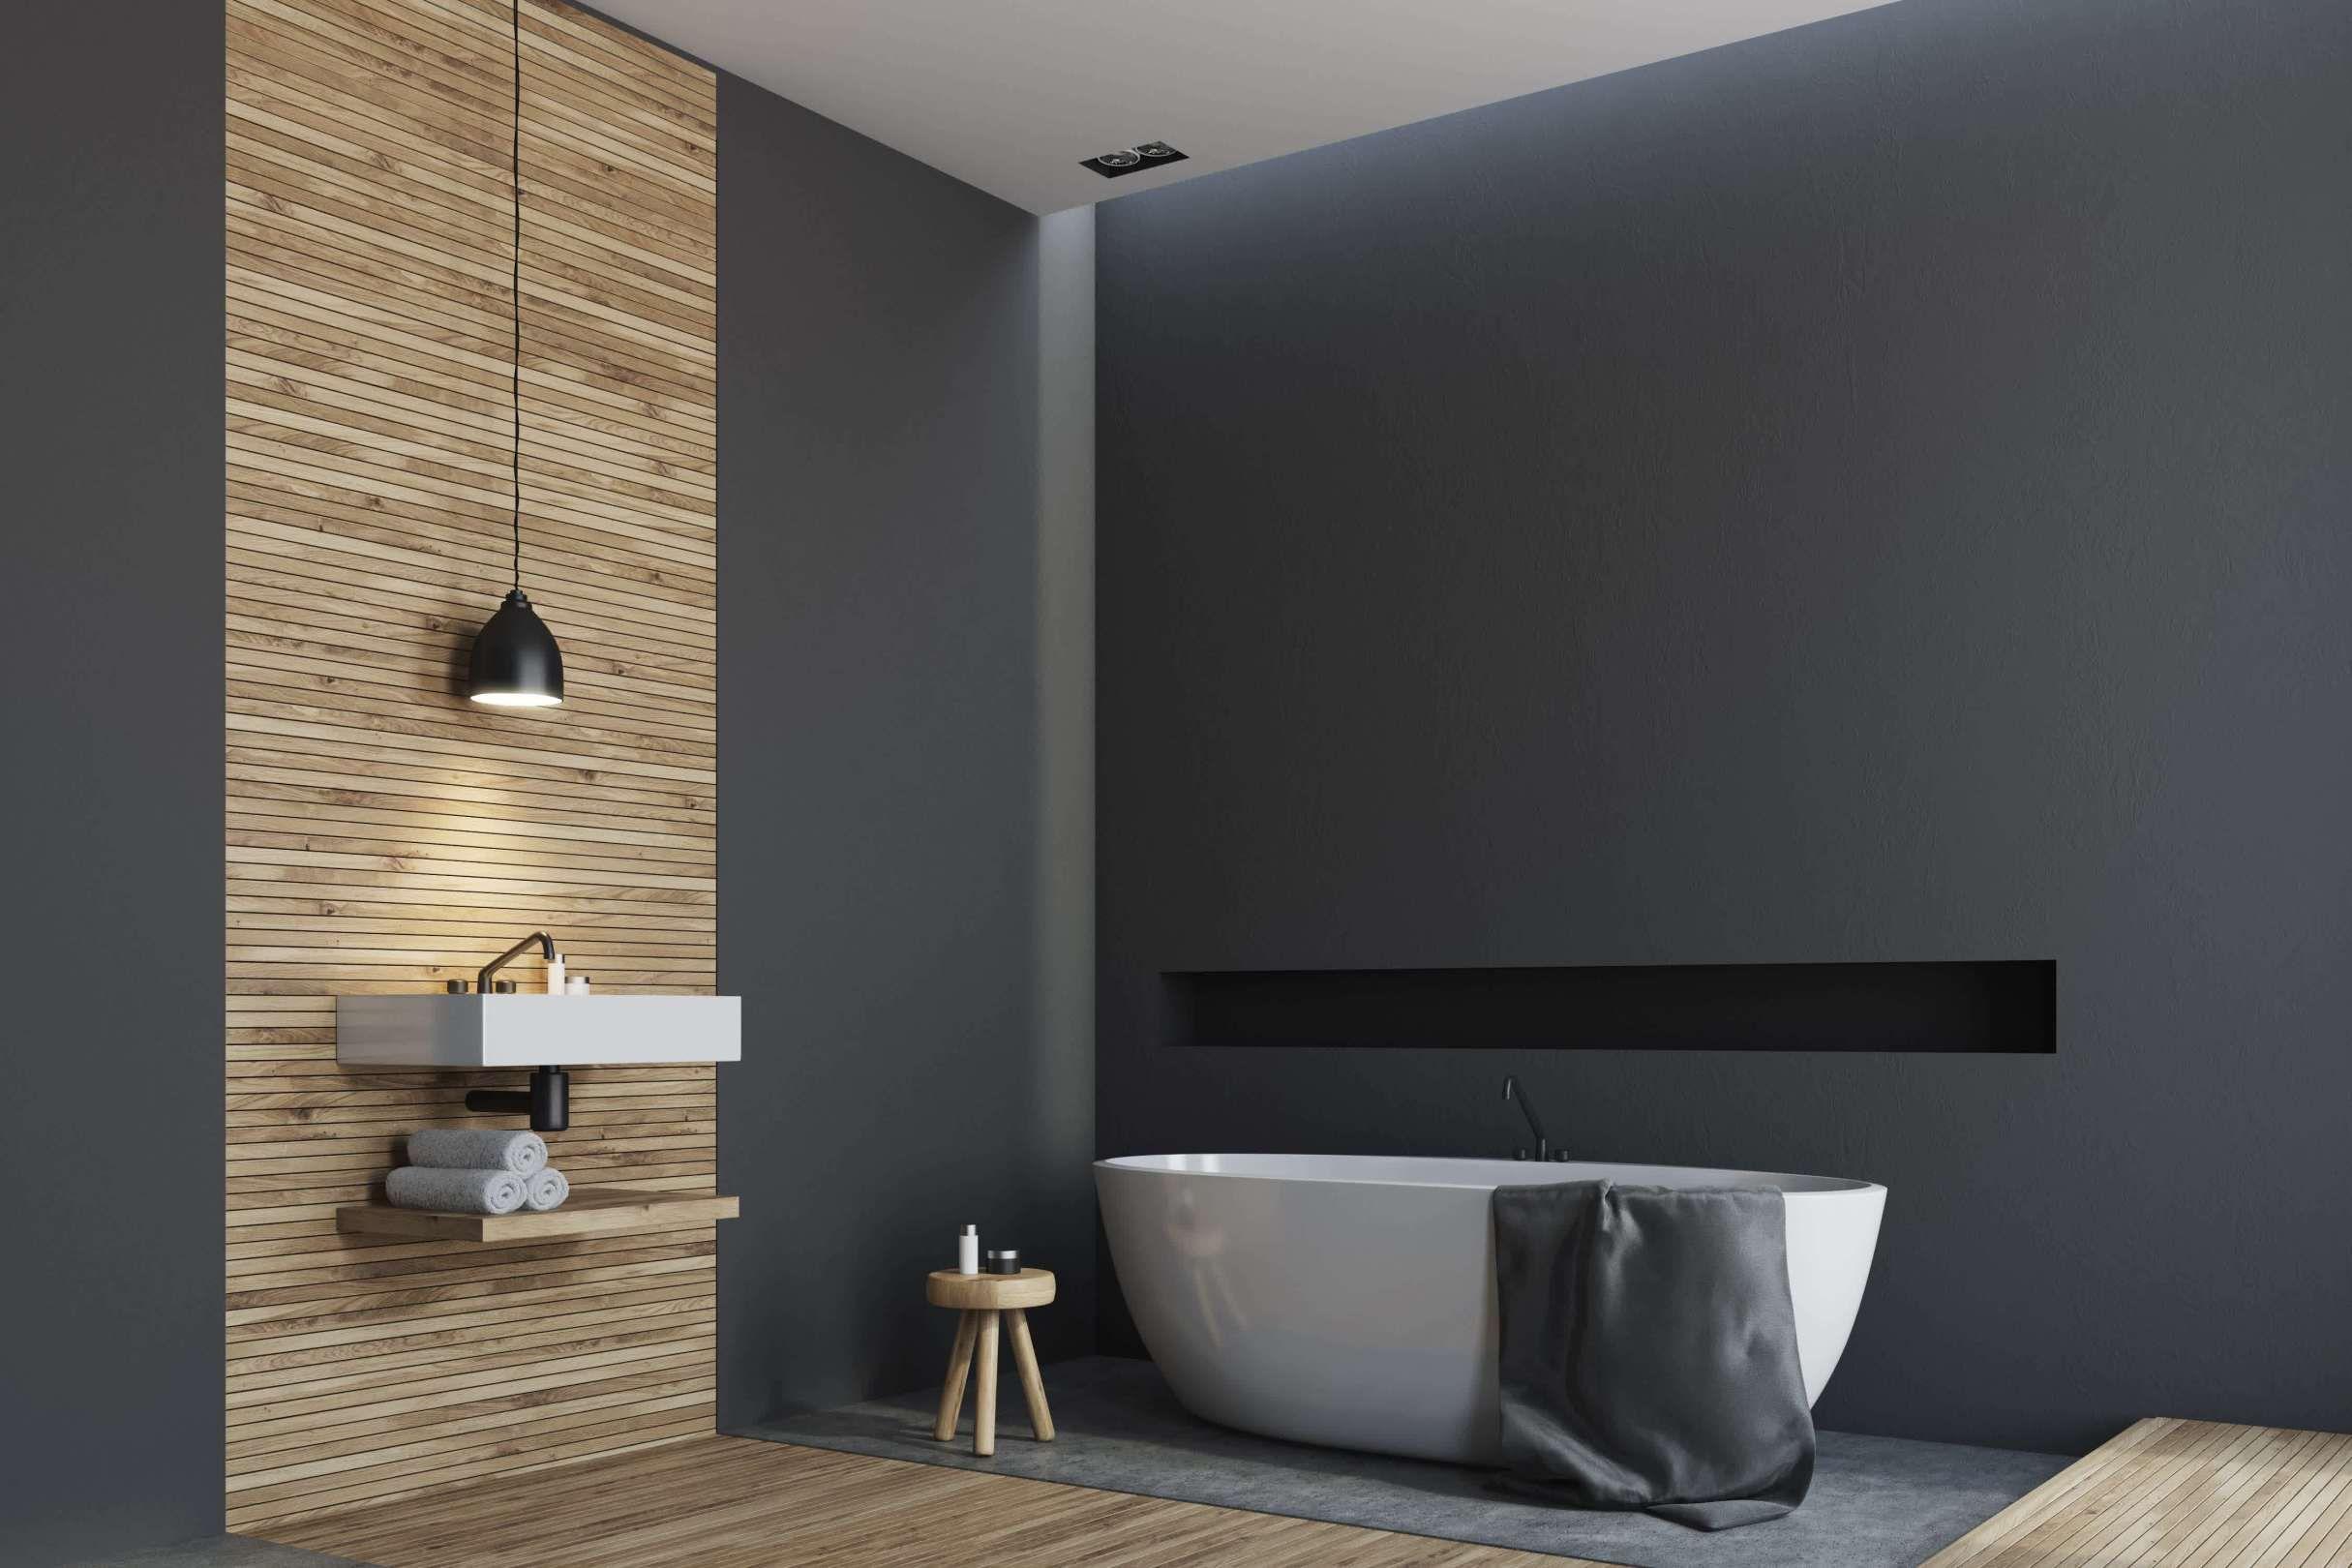 Resopal Ifg Bau Mit Bildern Bad Inspiration Badezimmer